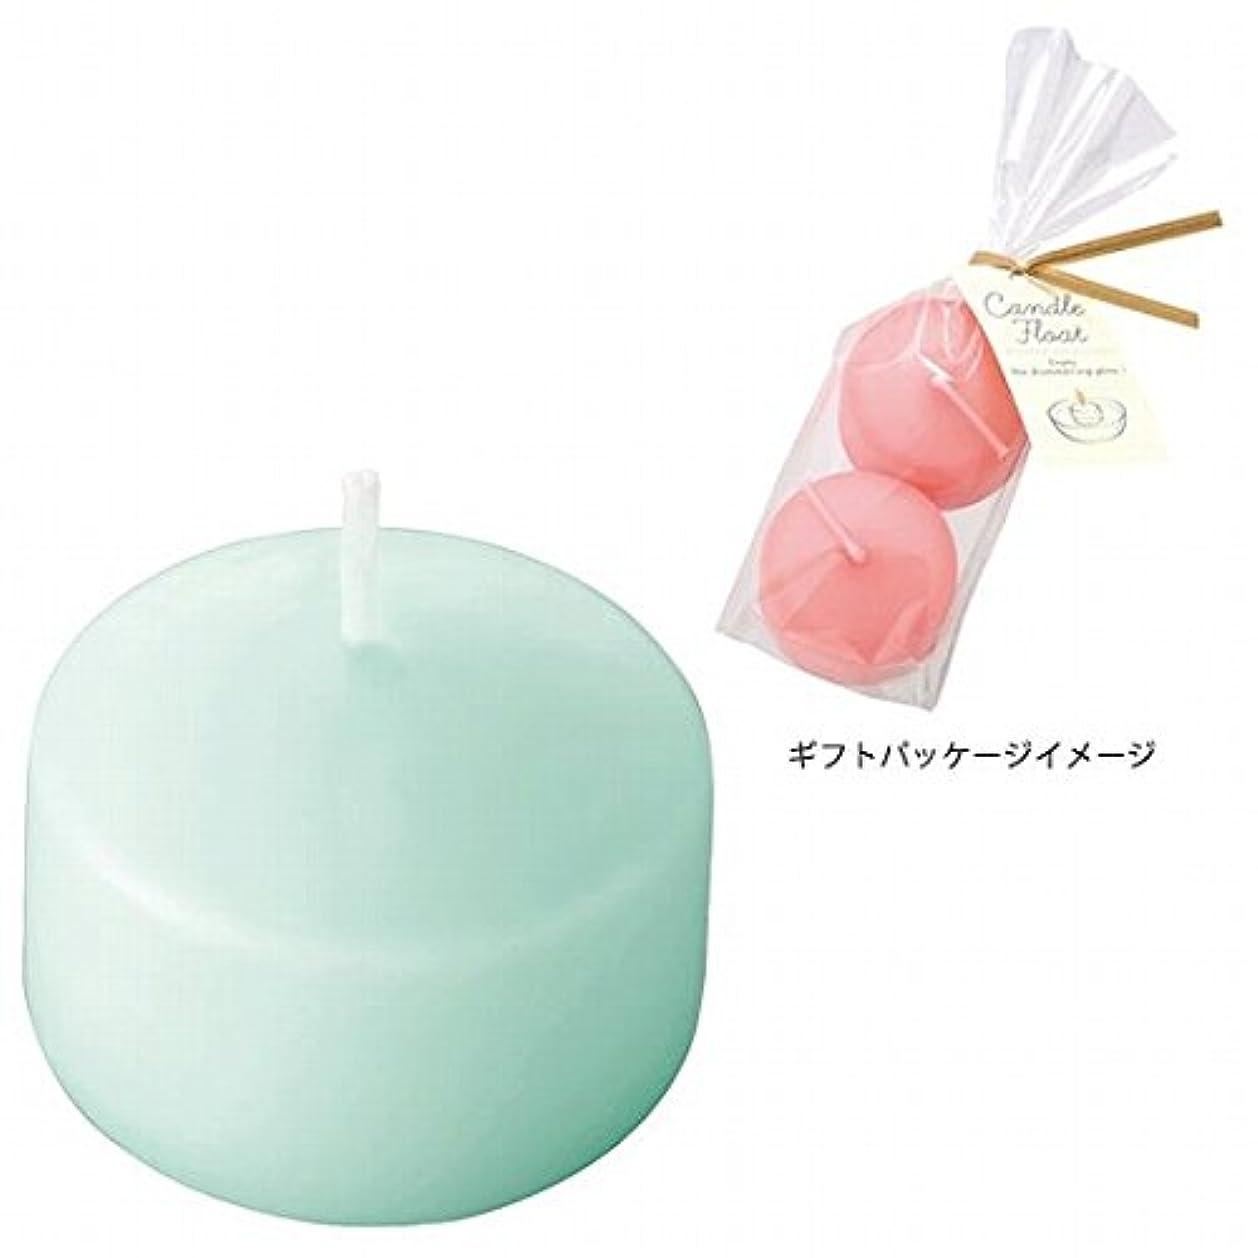 幸運透ける覚醒カメヤマキャンドル( kameyama candle ) ハッピープール(2個入り) キャンドル 「ライトブルー」